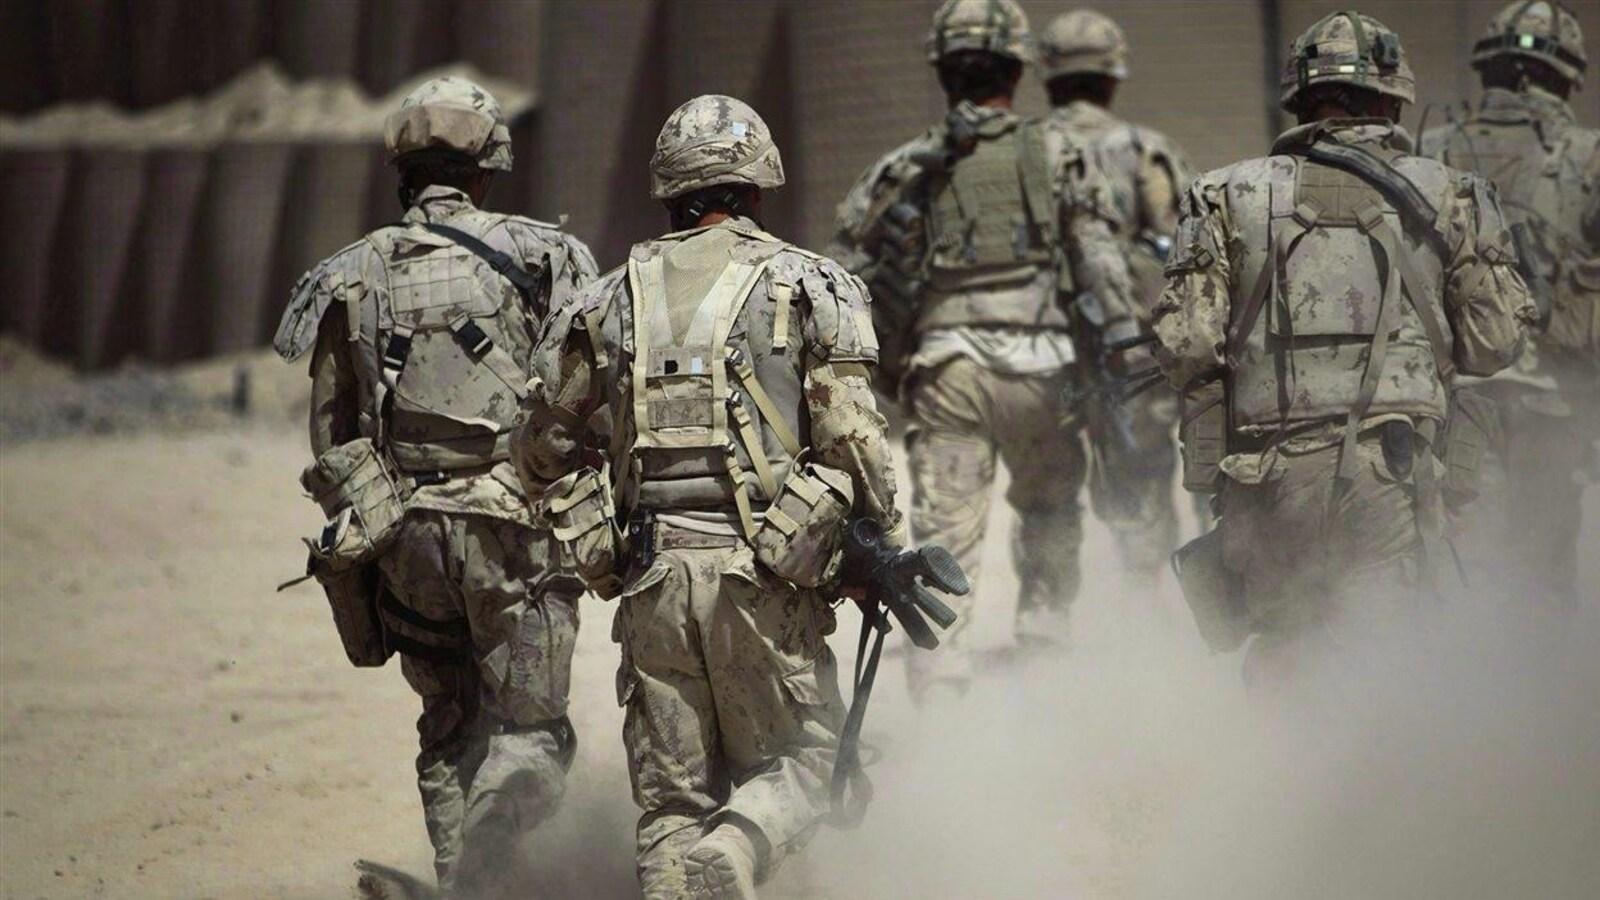 Des soldats en habit de camouflage marchent dans la poussière. Ils sont photographiés de dos.